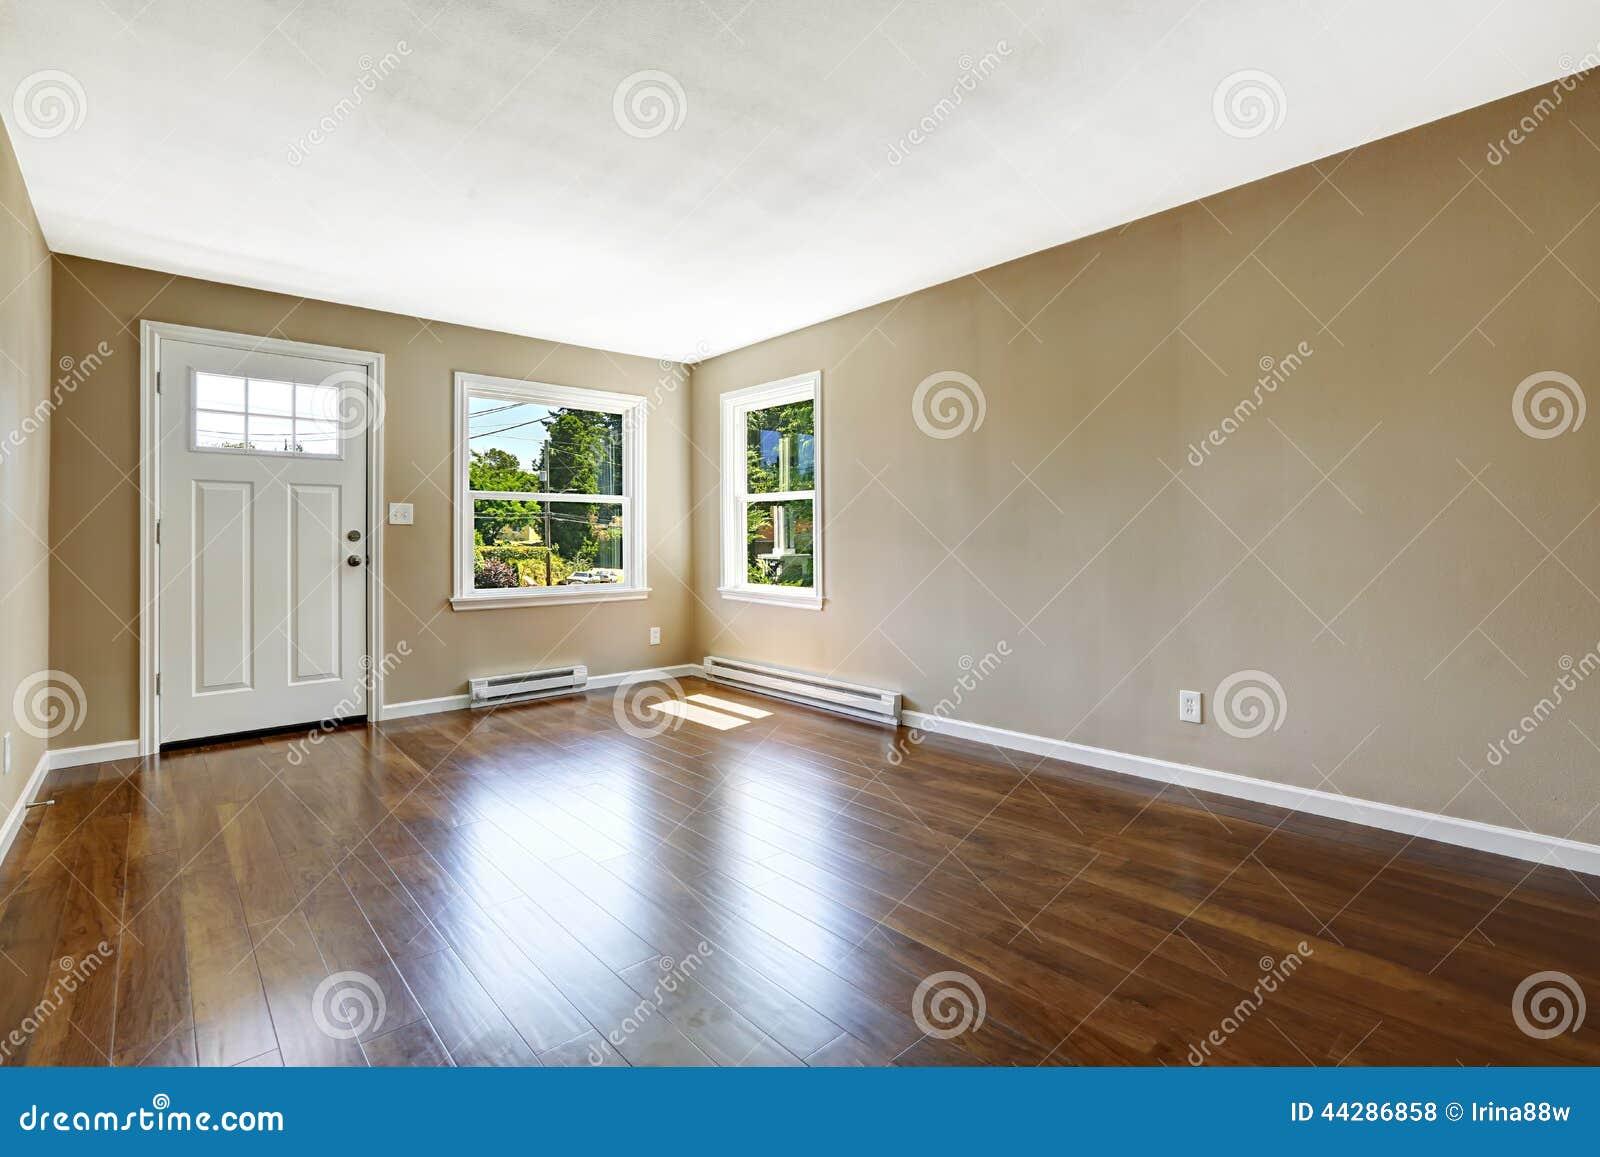 Leerer Hausinnenraum Massivholzboden Und Beige Wände Stockfoto ...